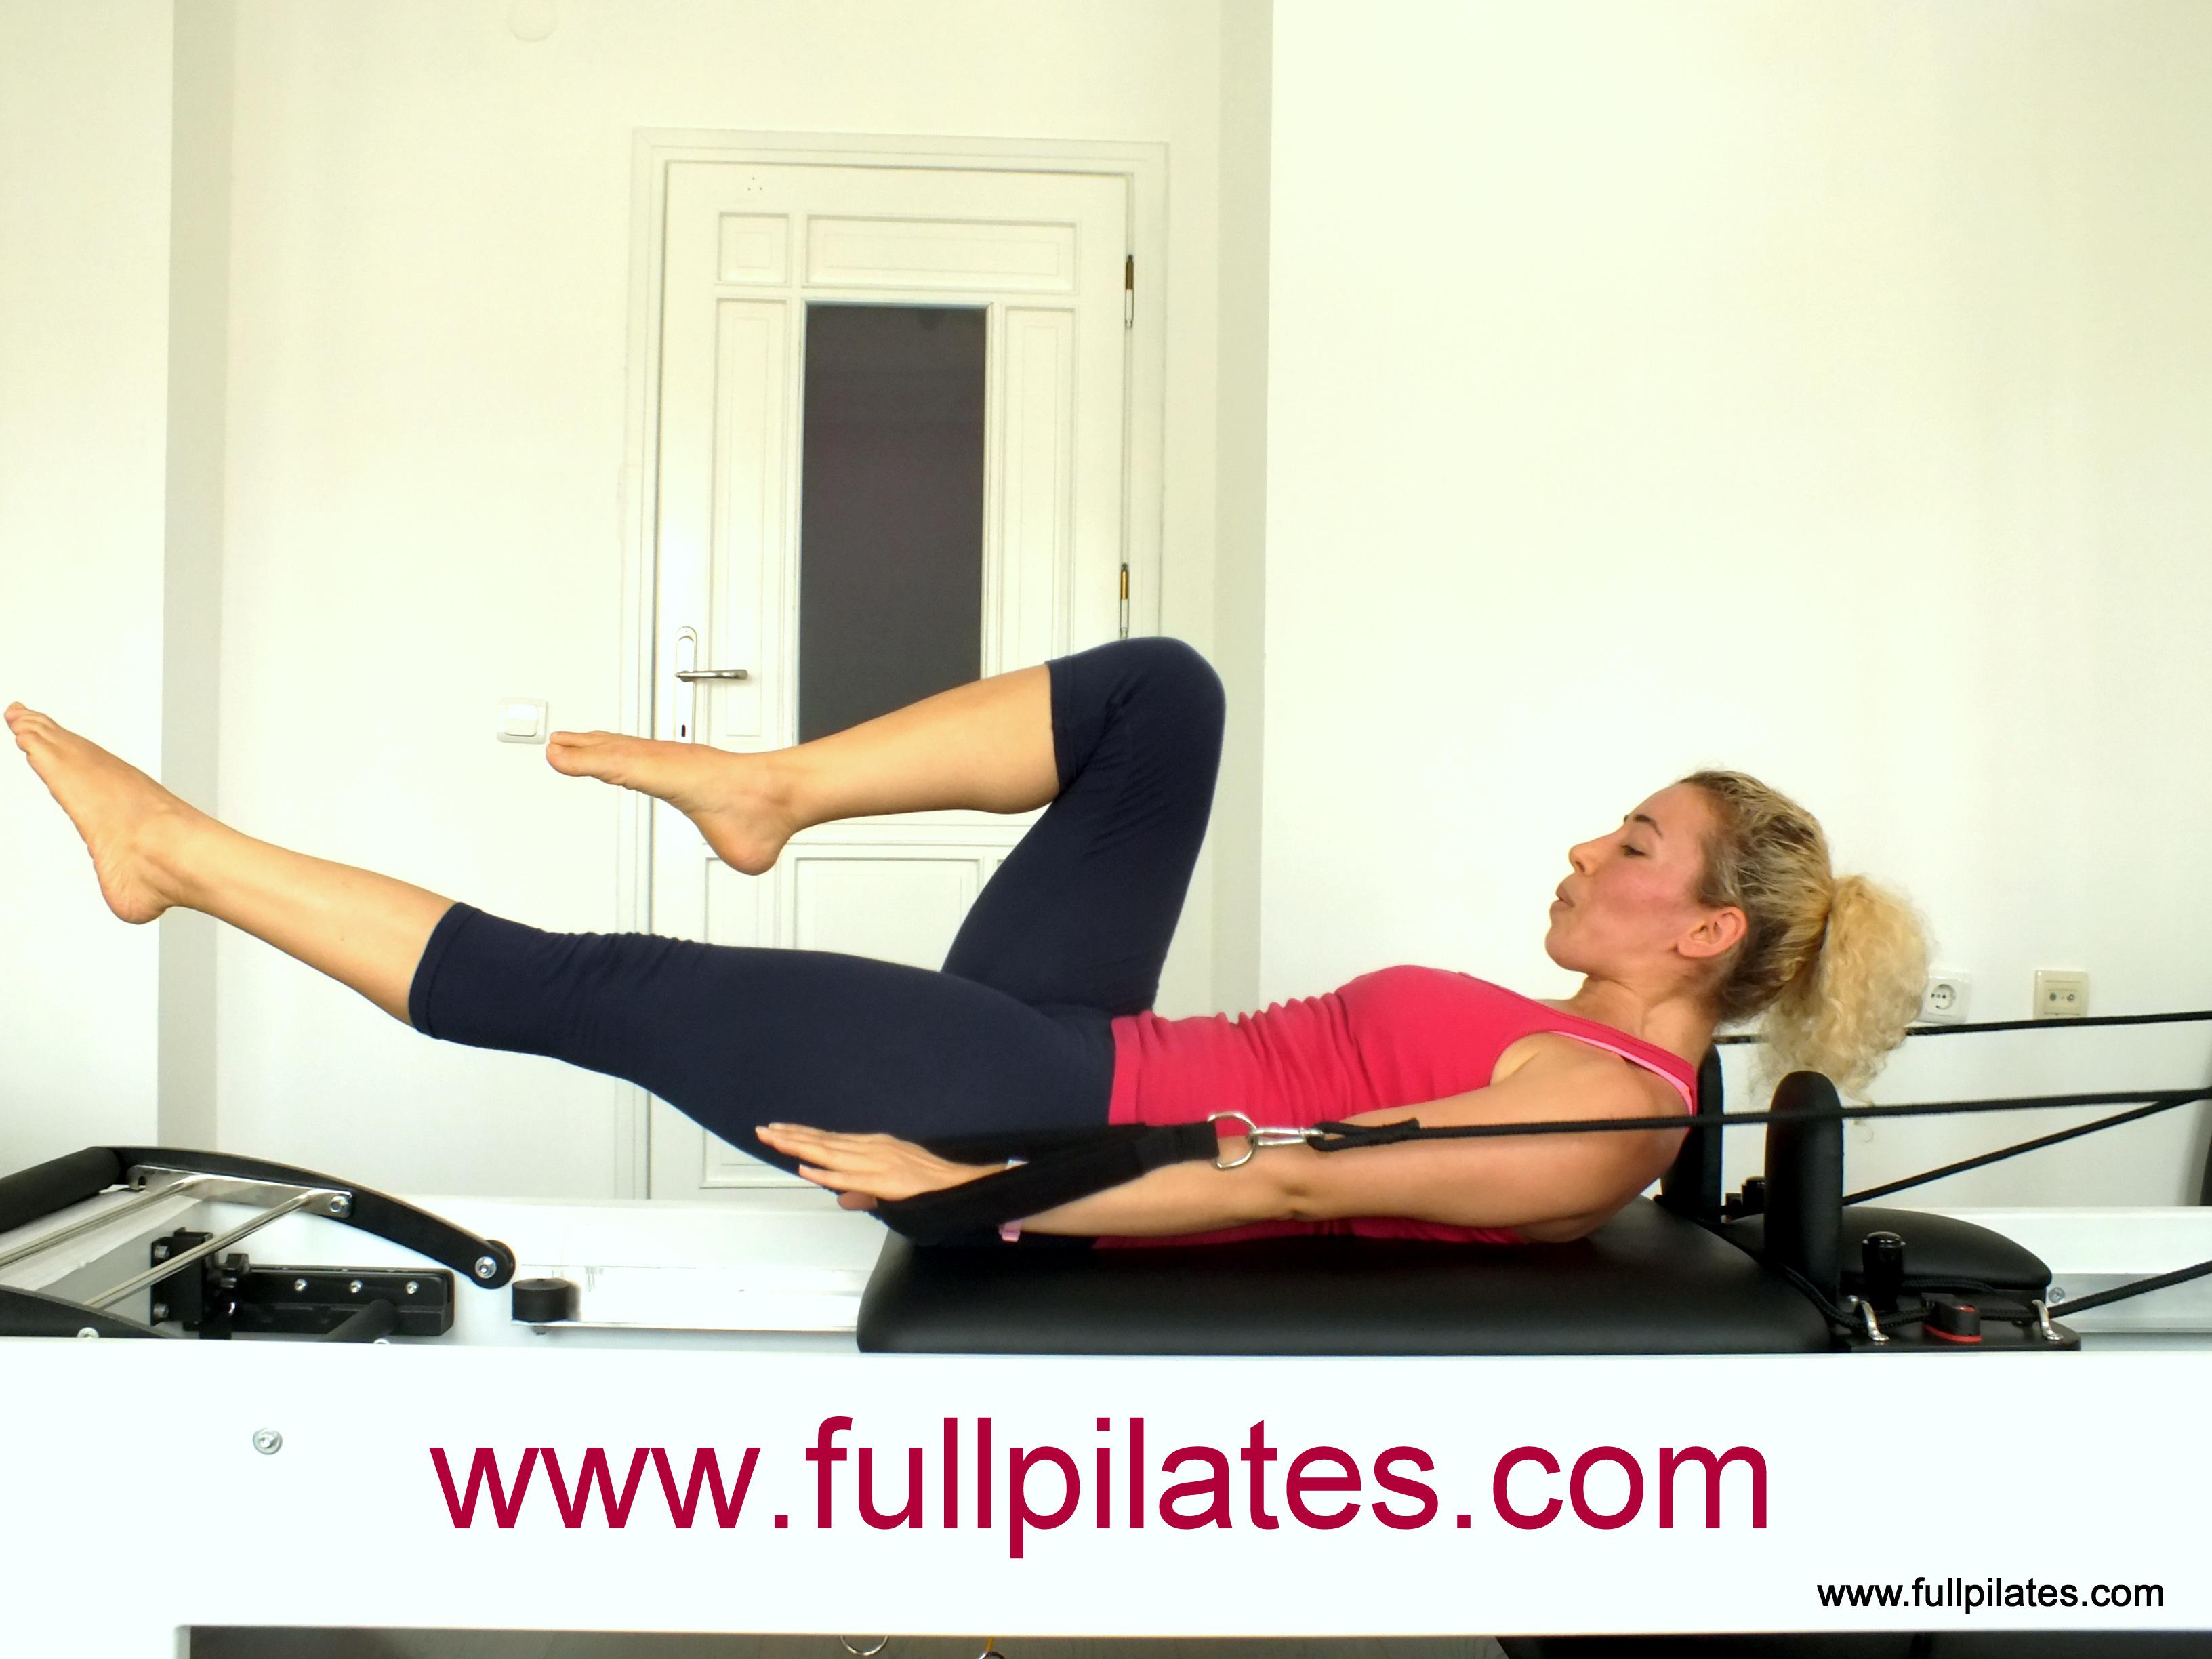 full pilates samime hoca 2